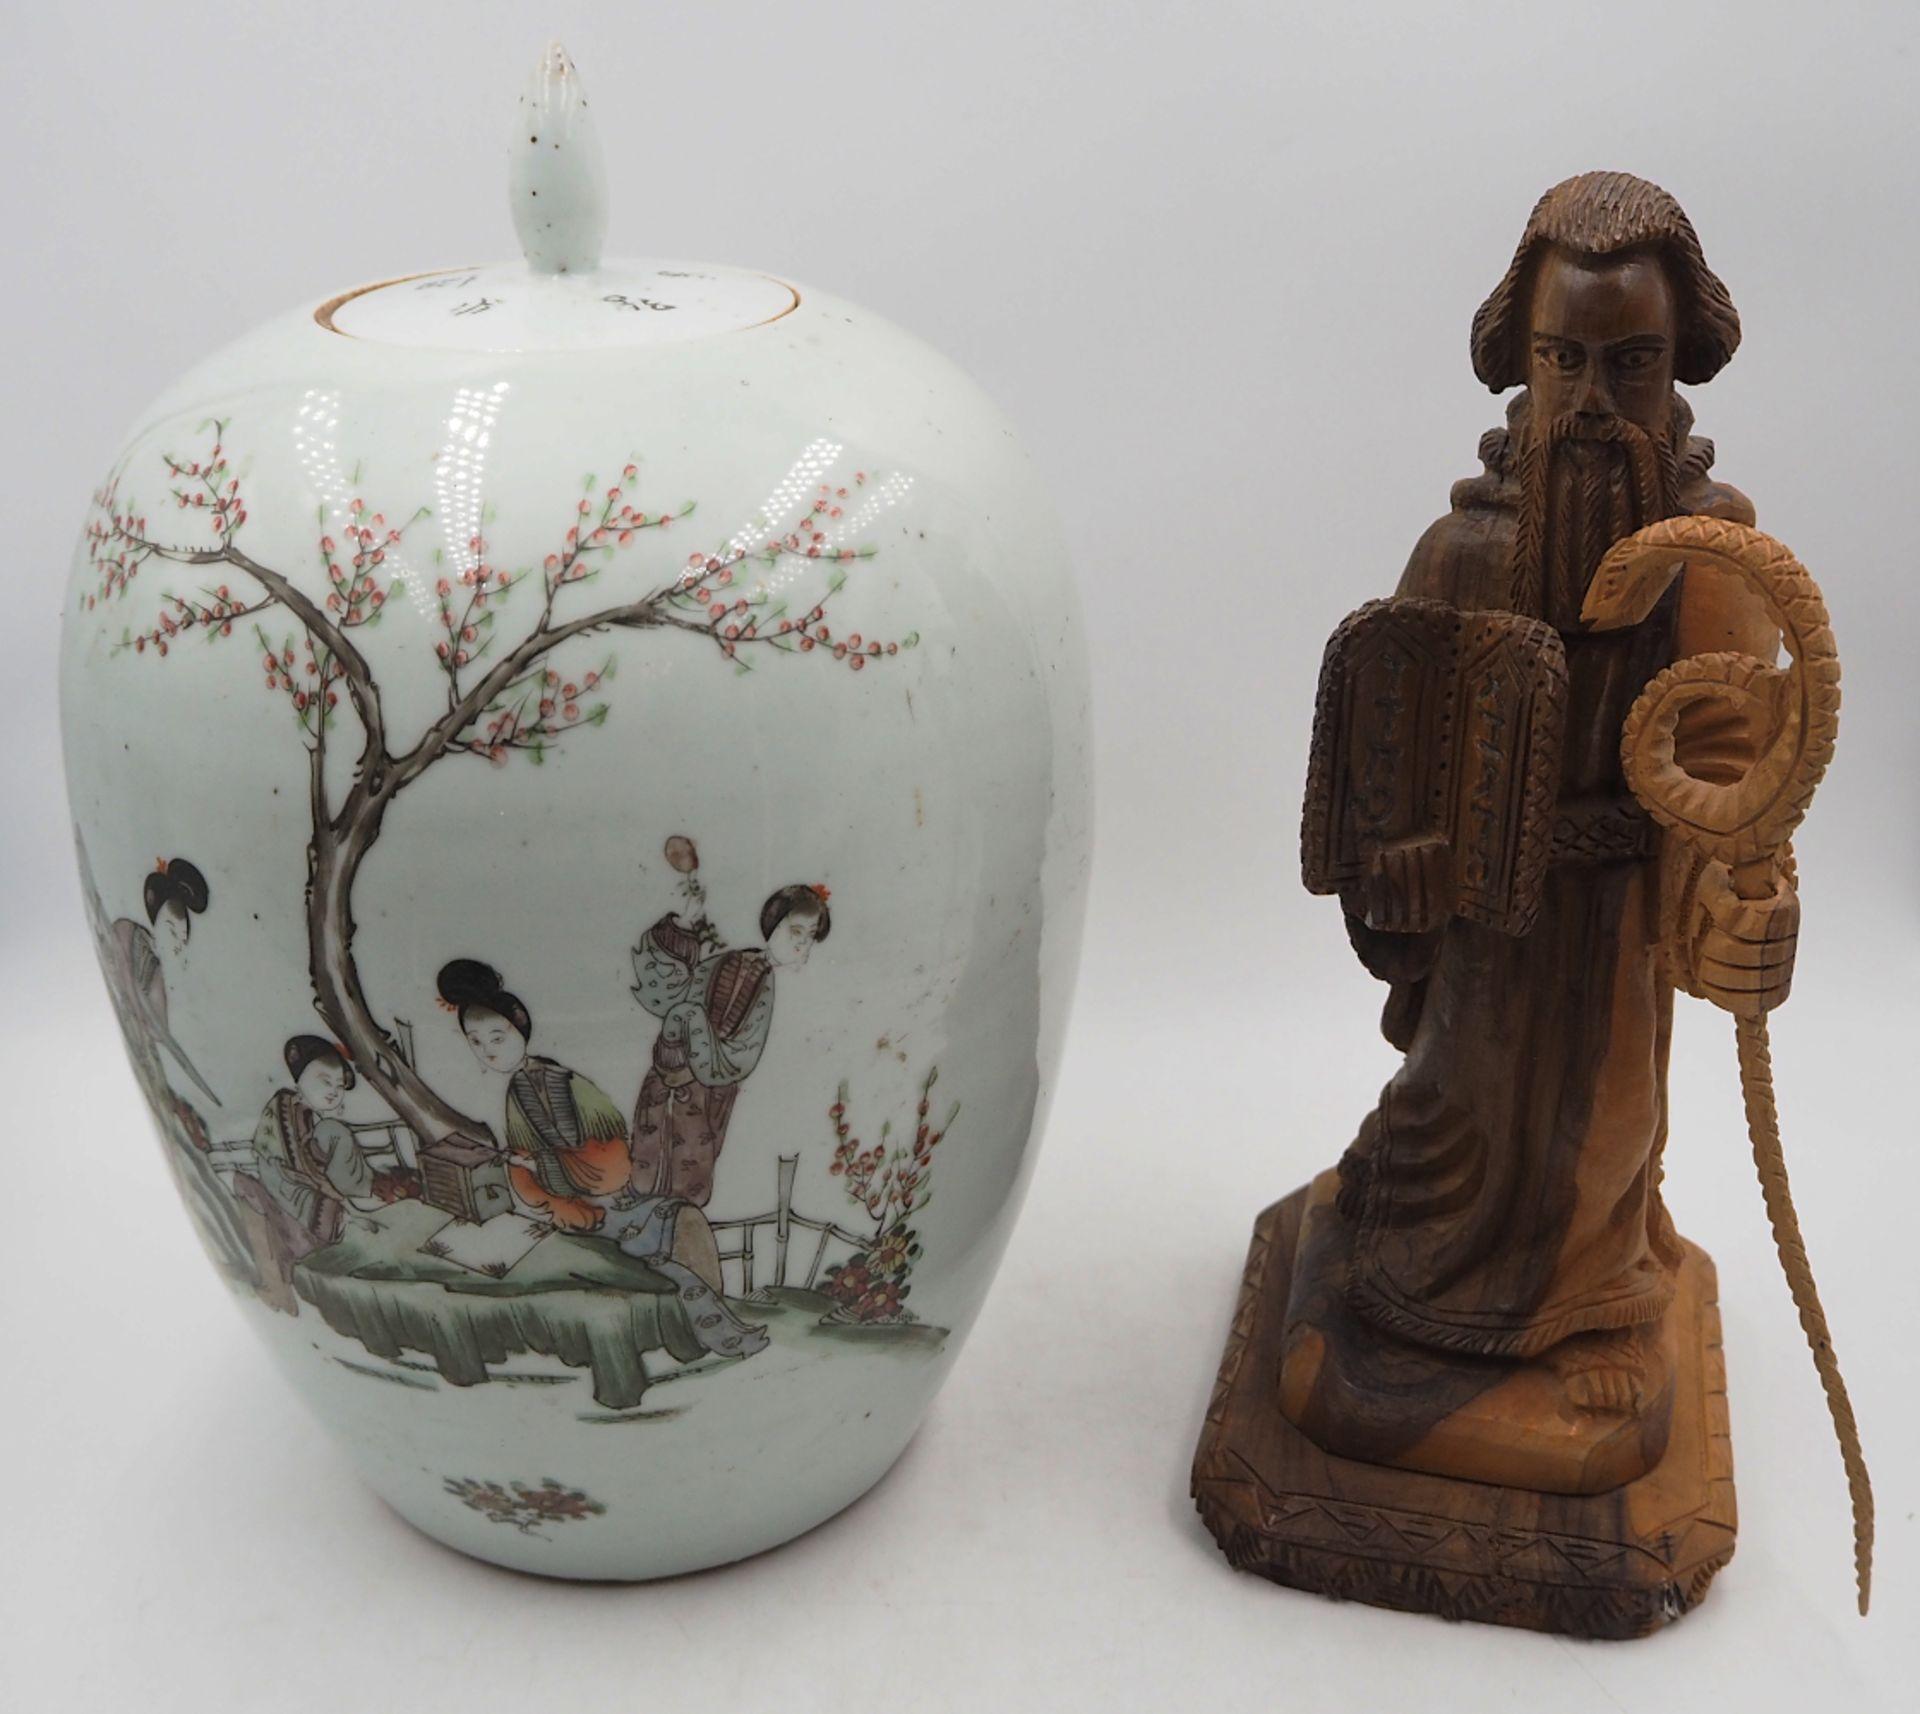 """1 Deckelvase Porzellan beige-/hellgraugrundig, mit japanischem Dekor """"Frauen beim Kirschblütenf"""